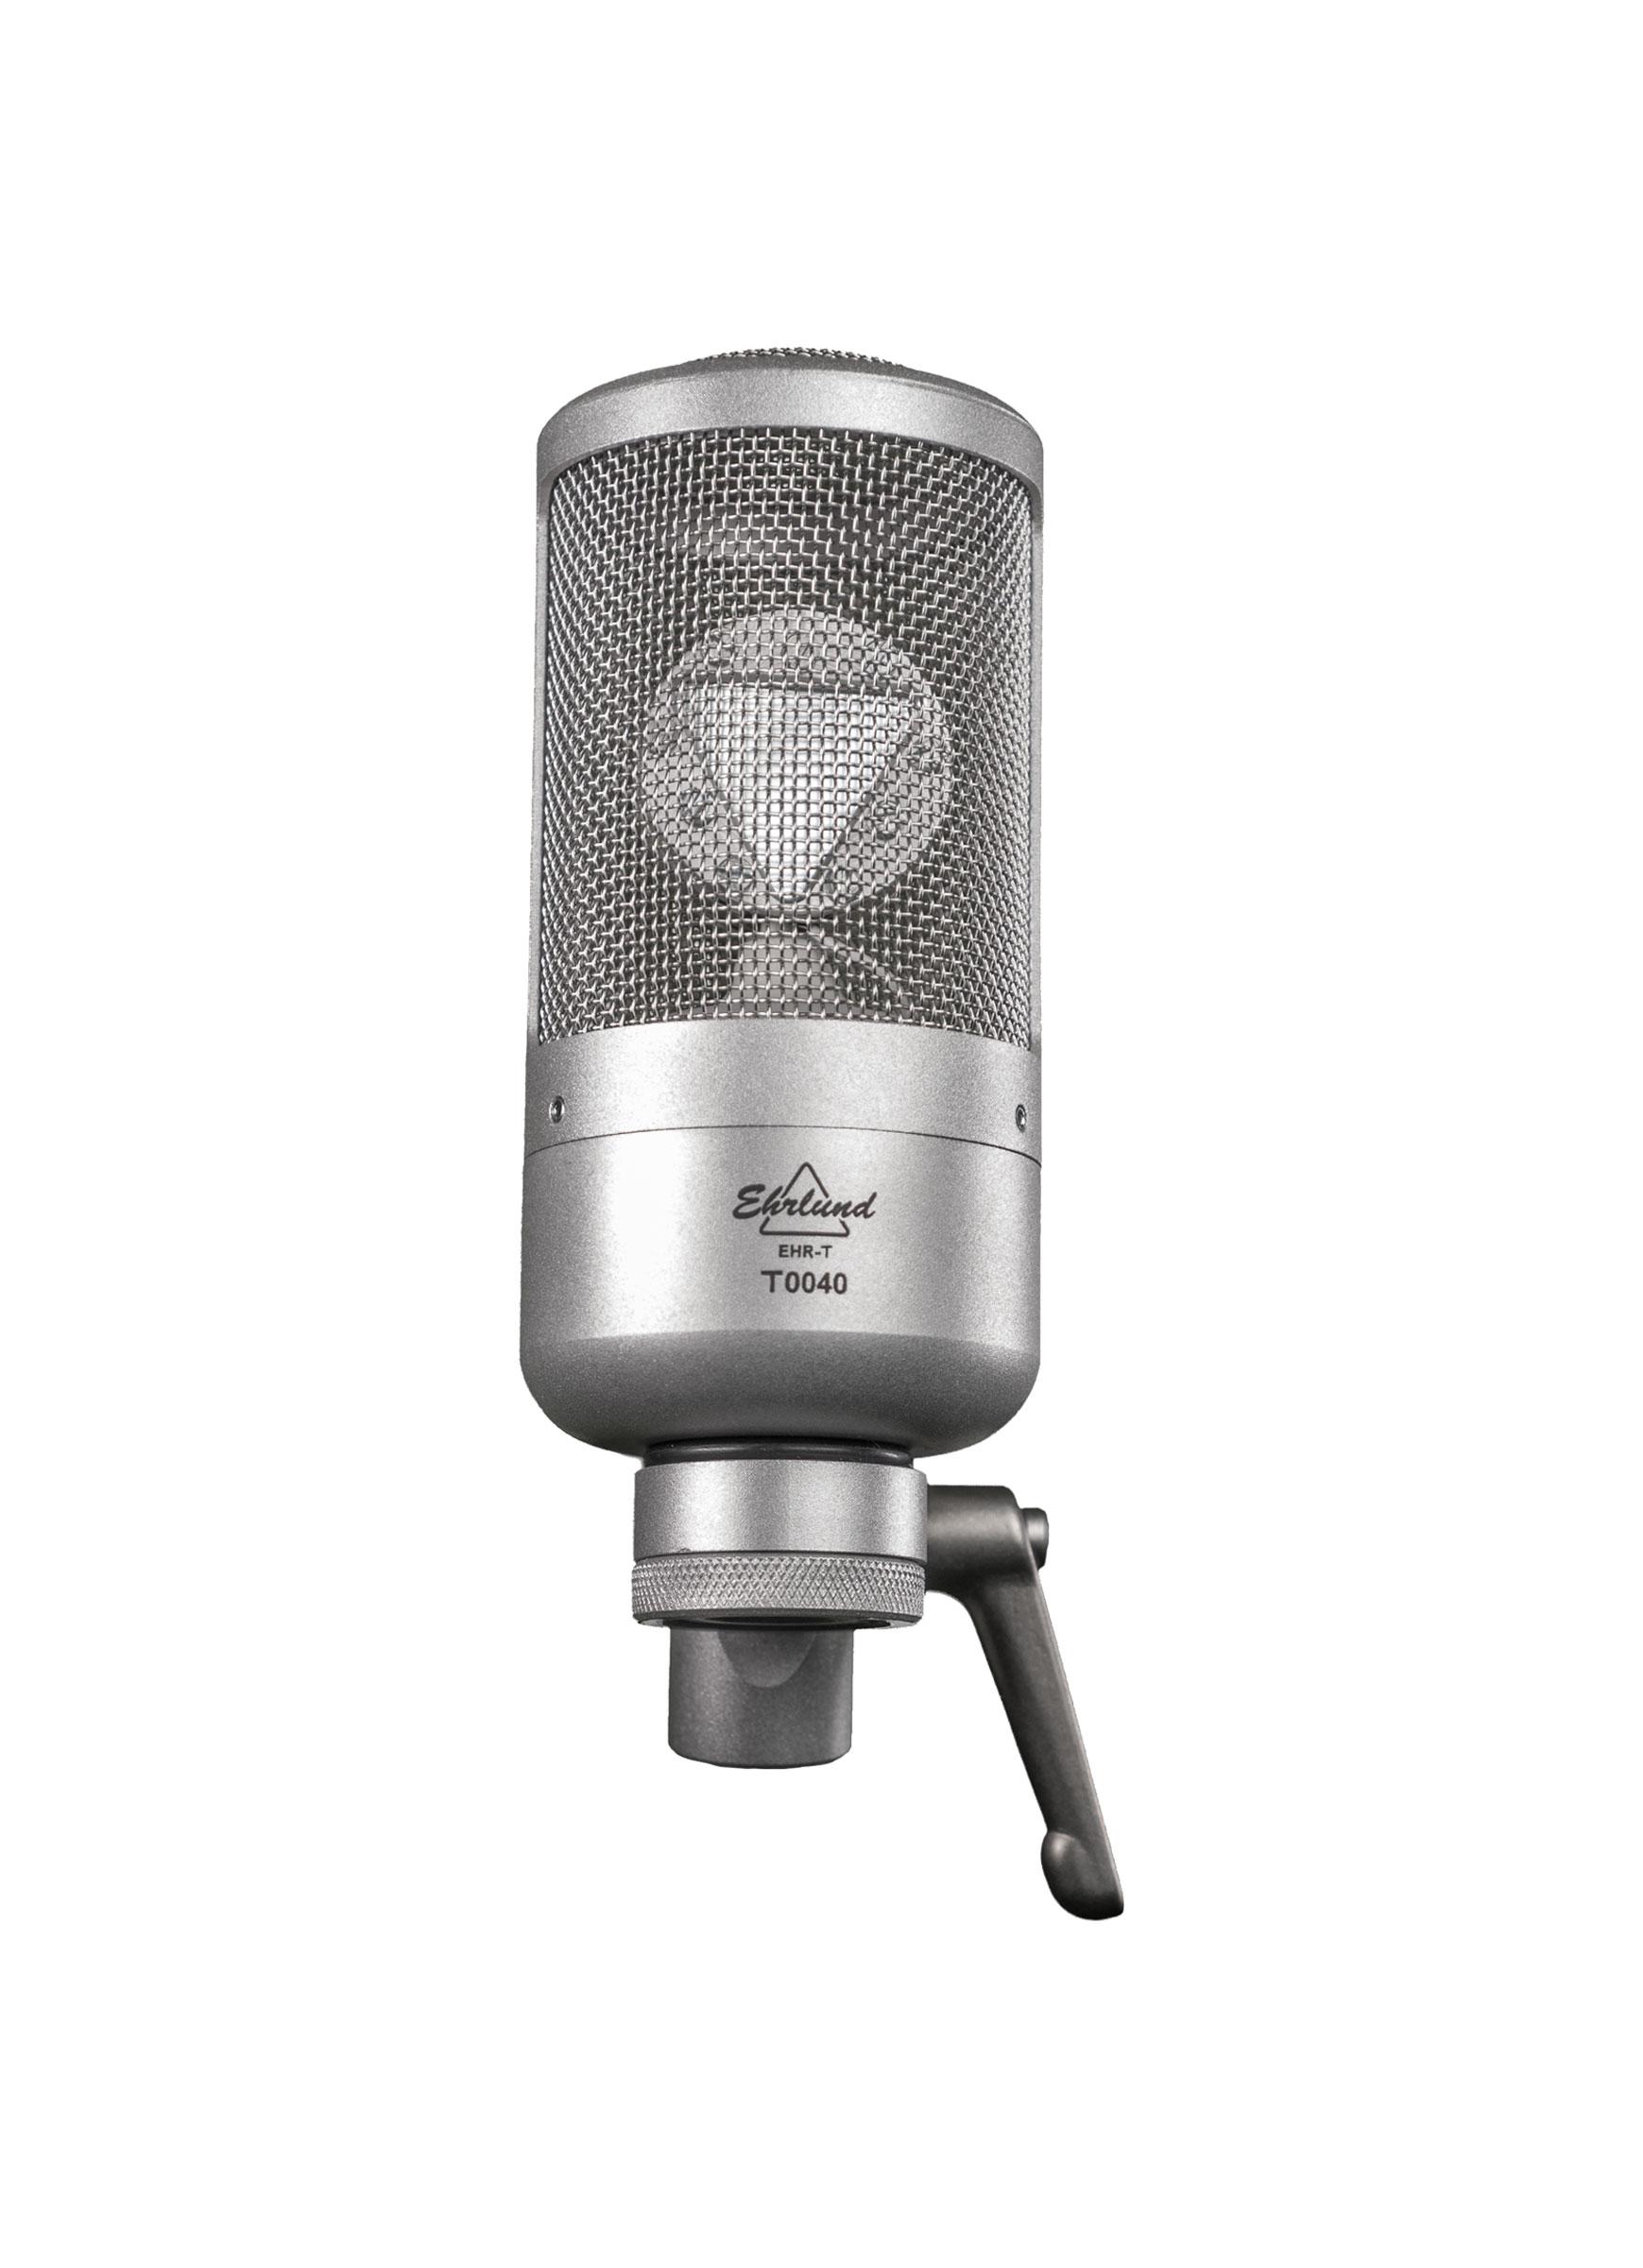 Ehrlund Microphones,EHR-T 画像